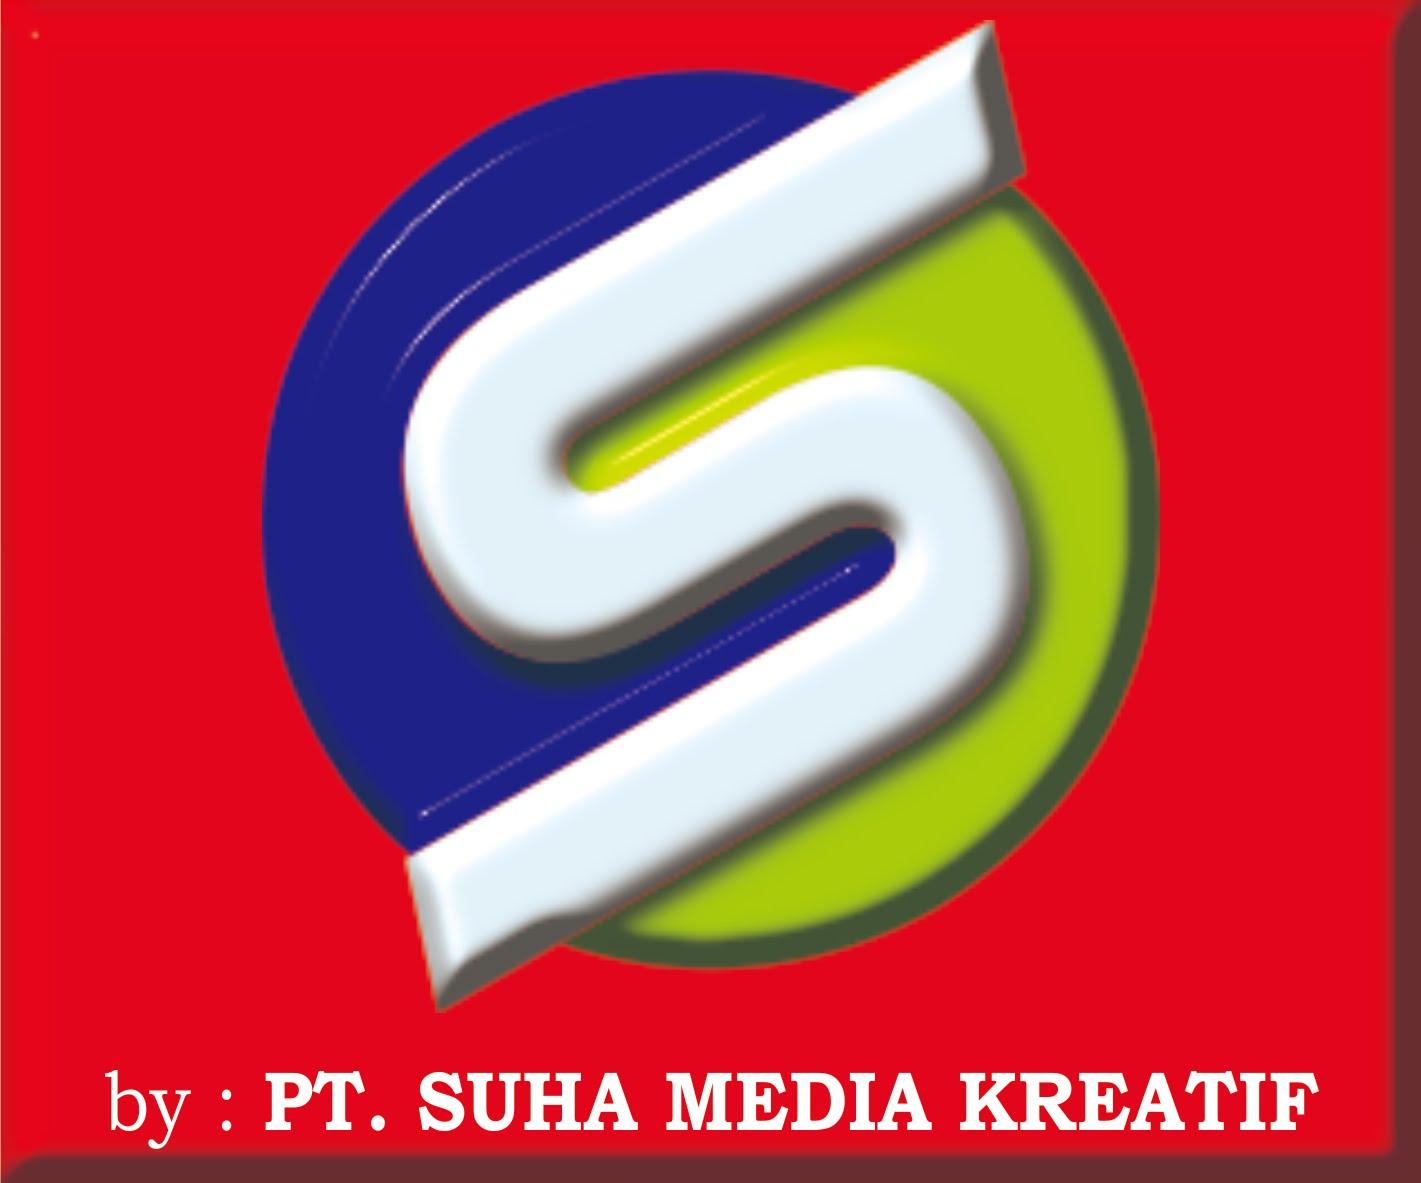 suhanews.com